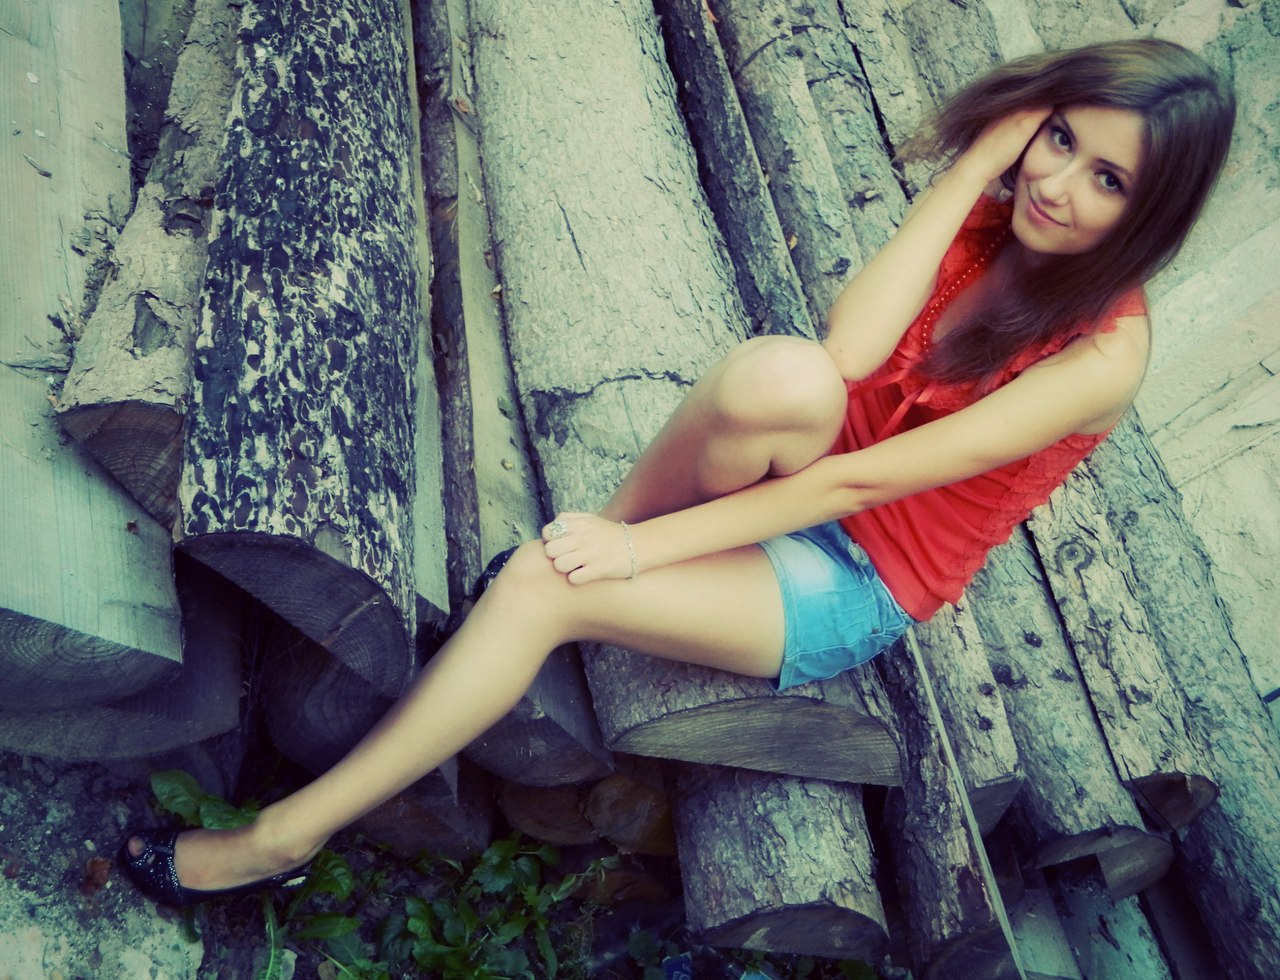 Юная красотка в красном топике и шортах